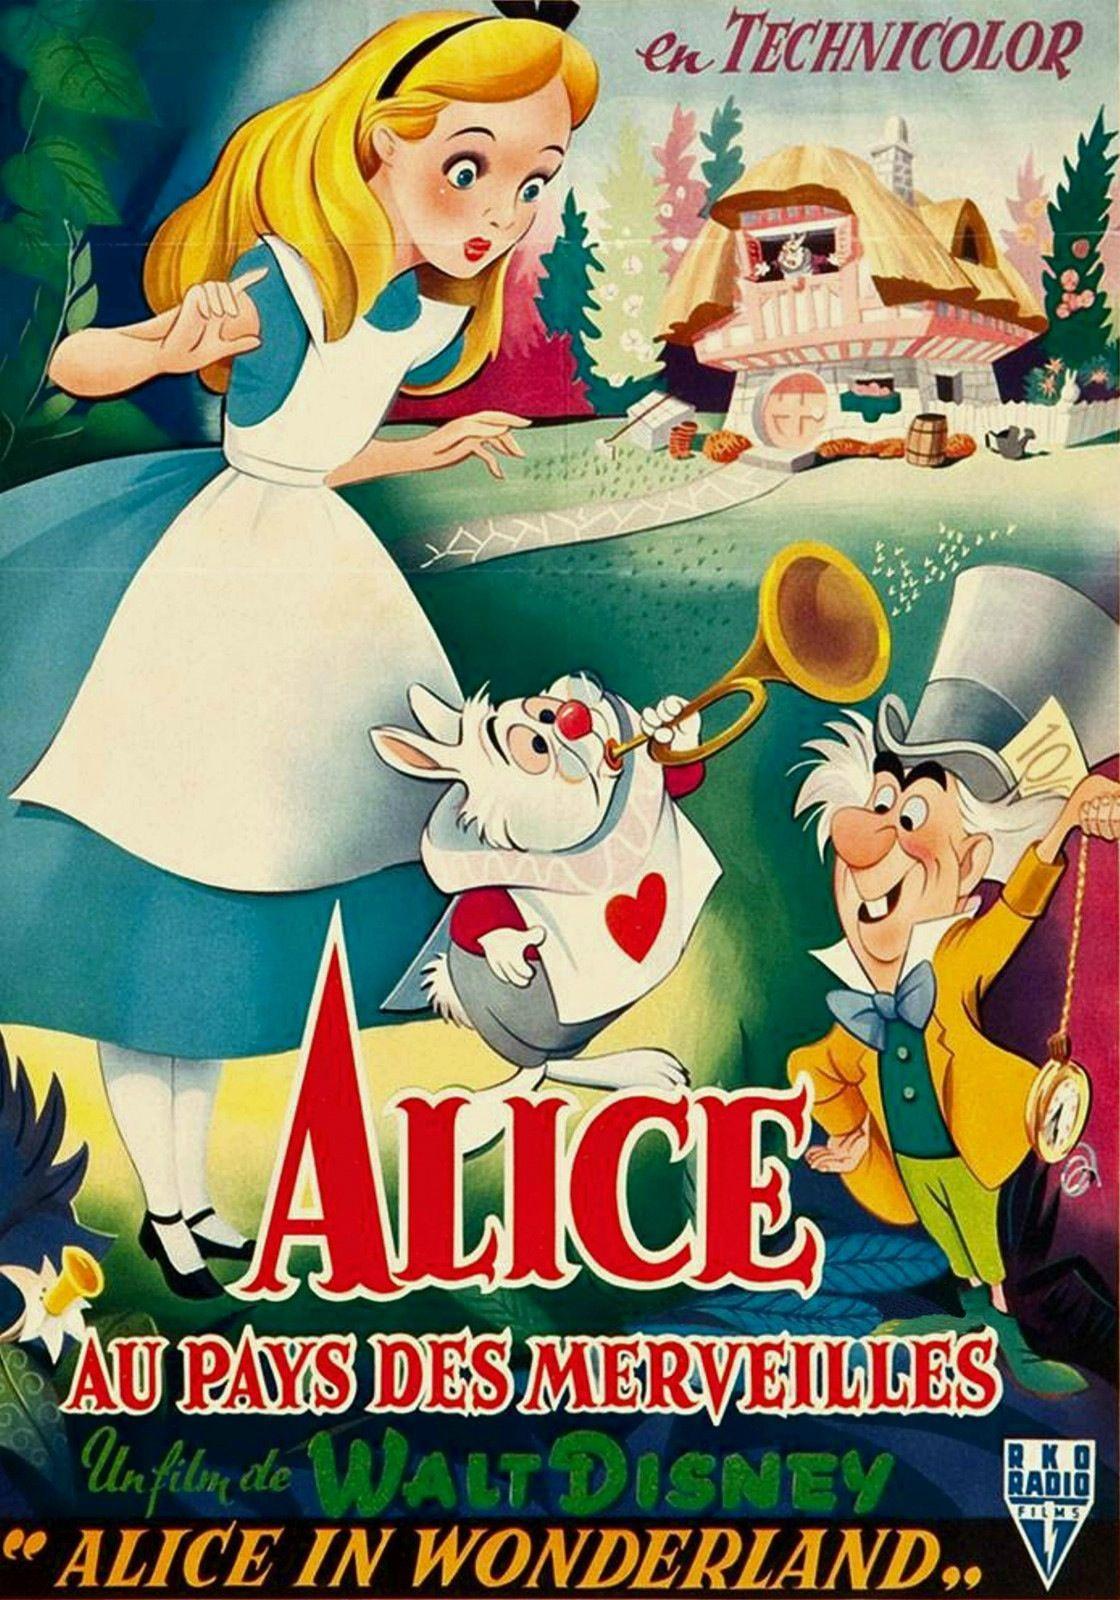 Pin De Clara Leon En Afiches Peliculas De Nino Carteles De Disney Cine De Animacion Peliculas Vintage